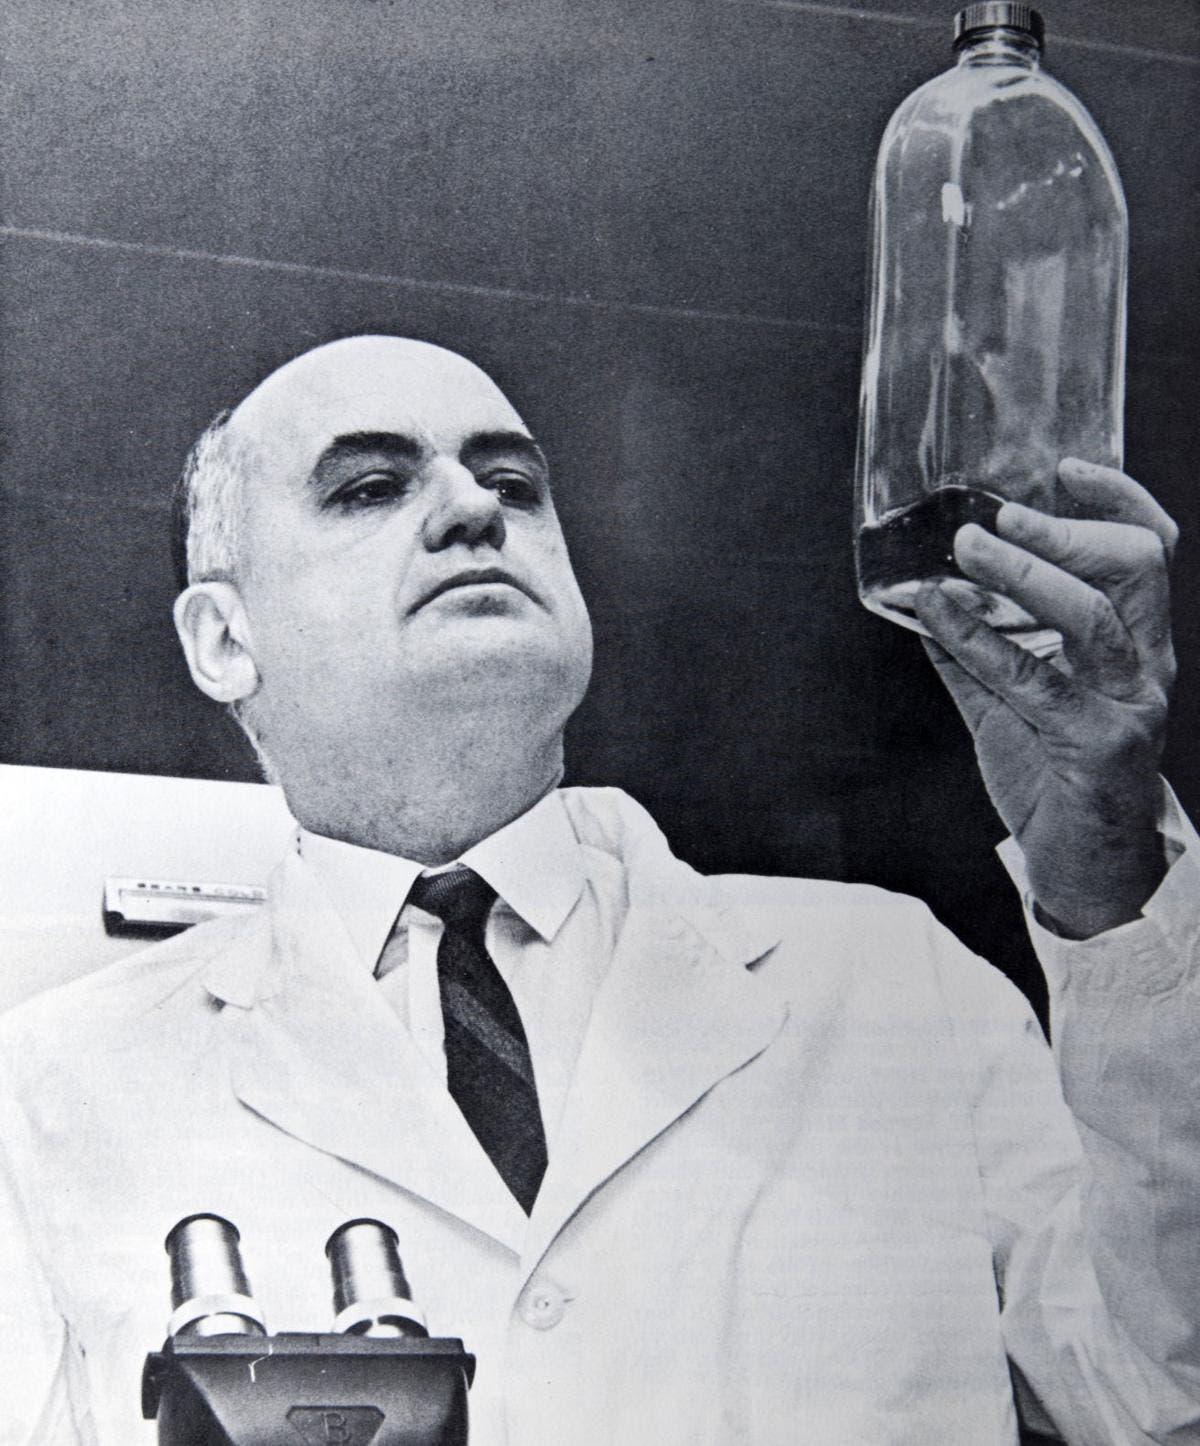 موريس هيلمان داخل أحد المختبرات